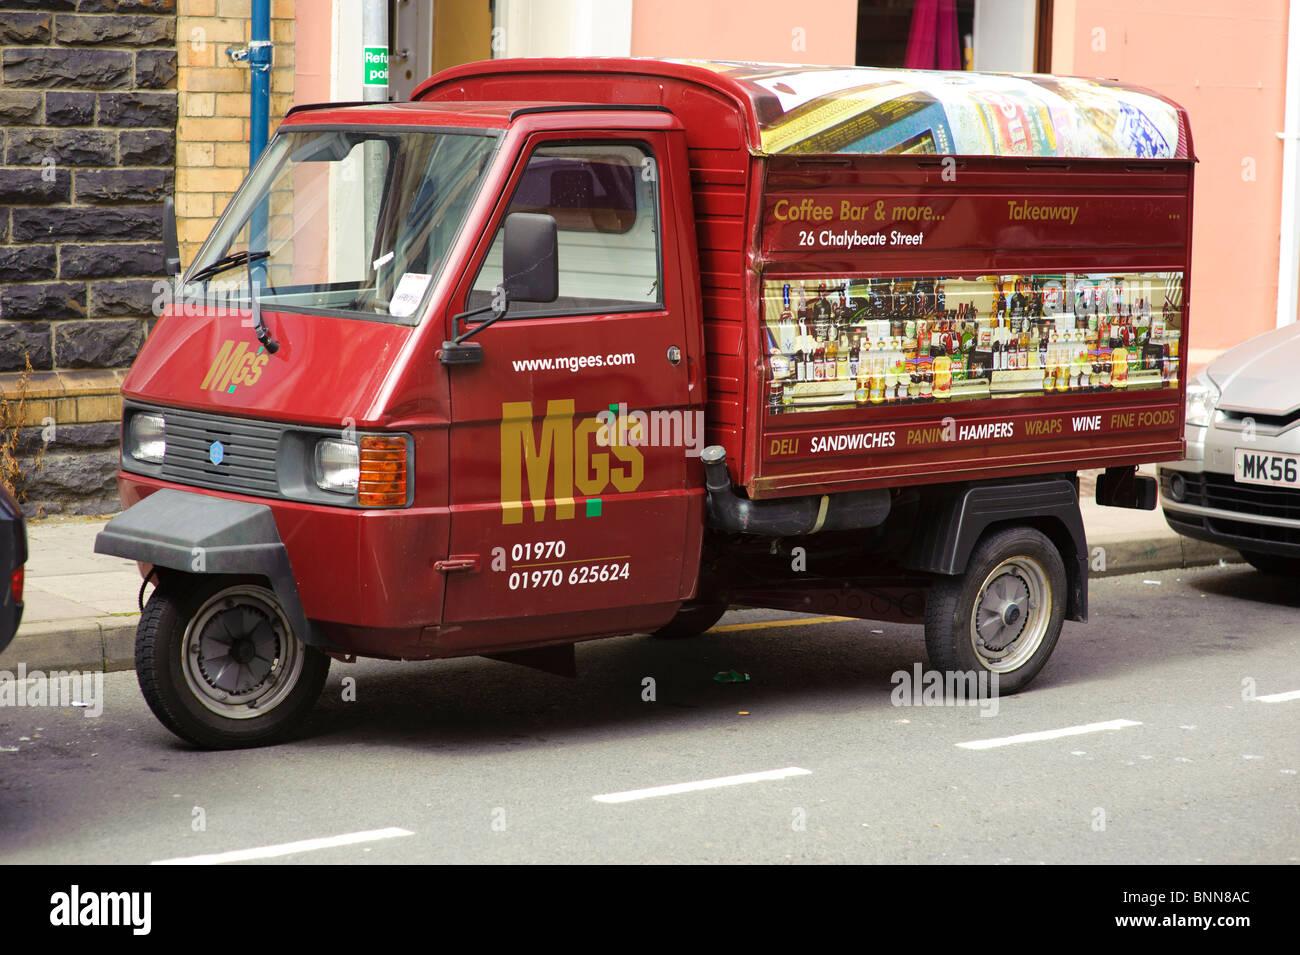 Food Delivery Aberystwyth